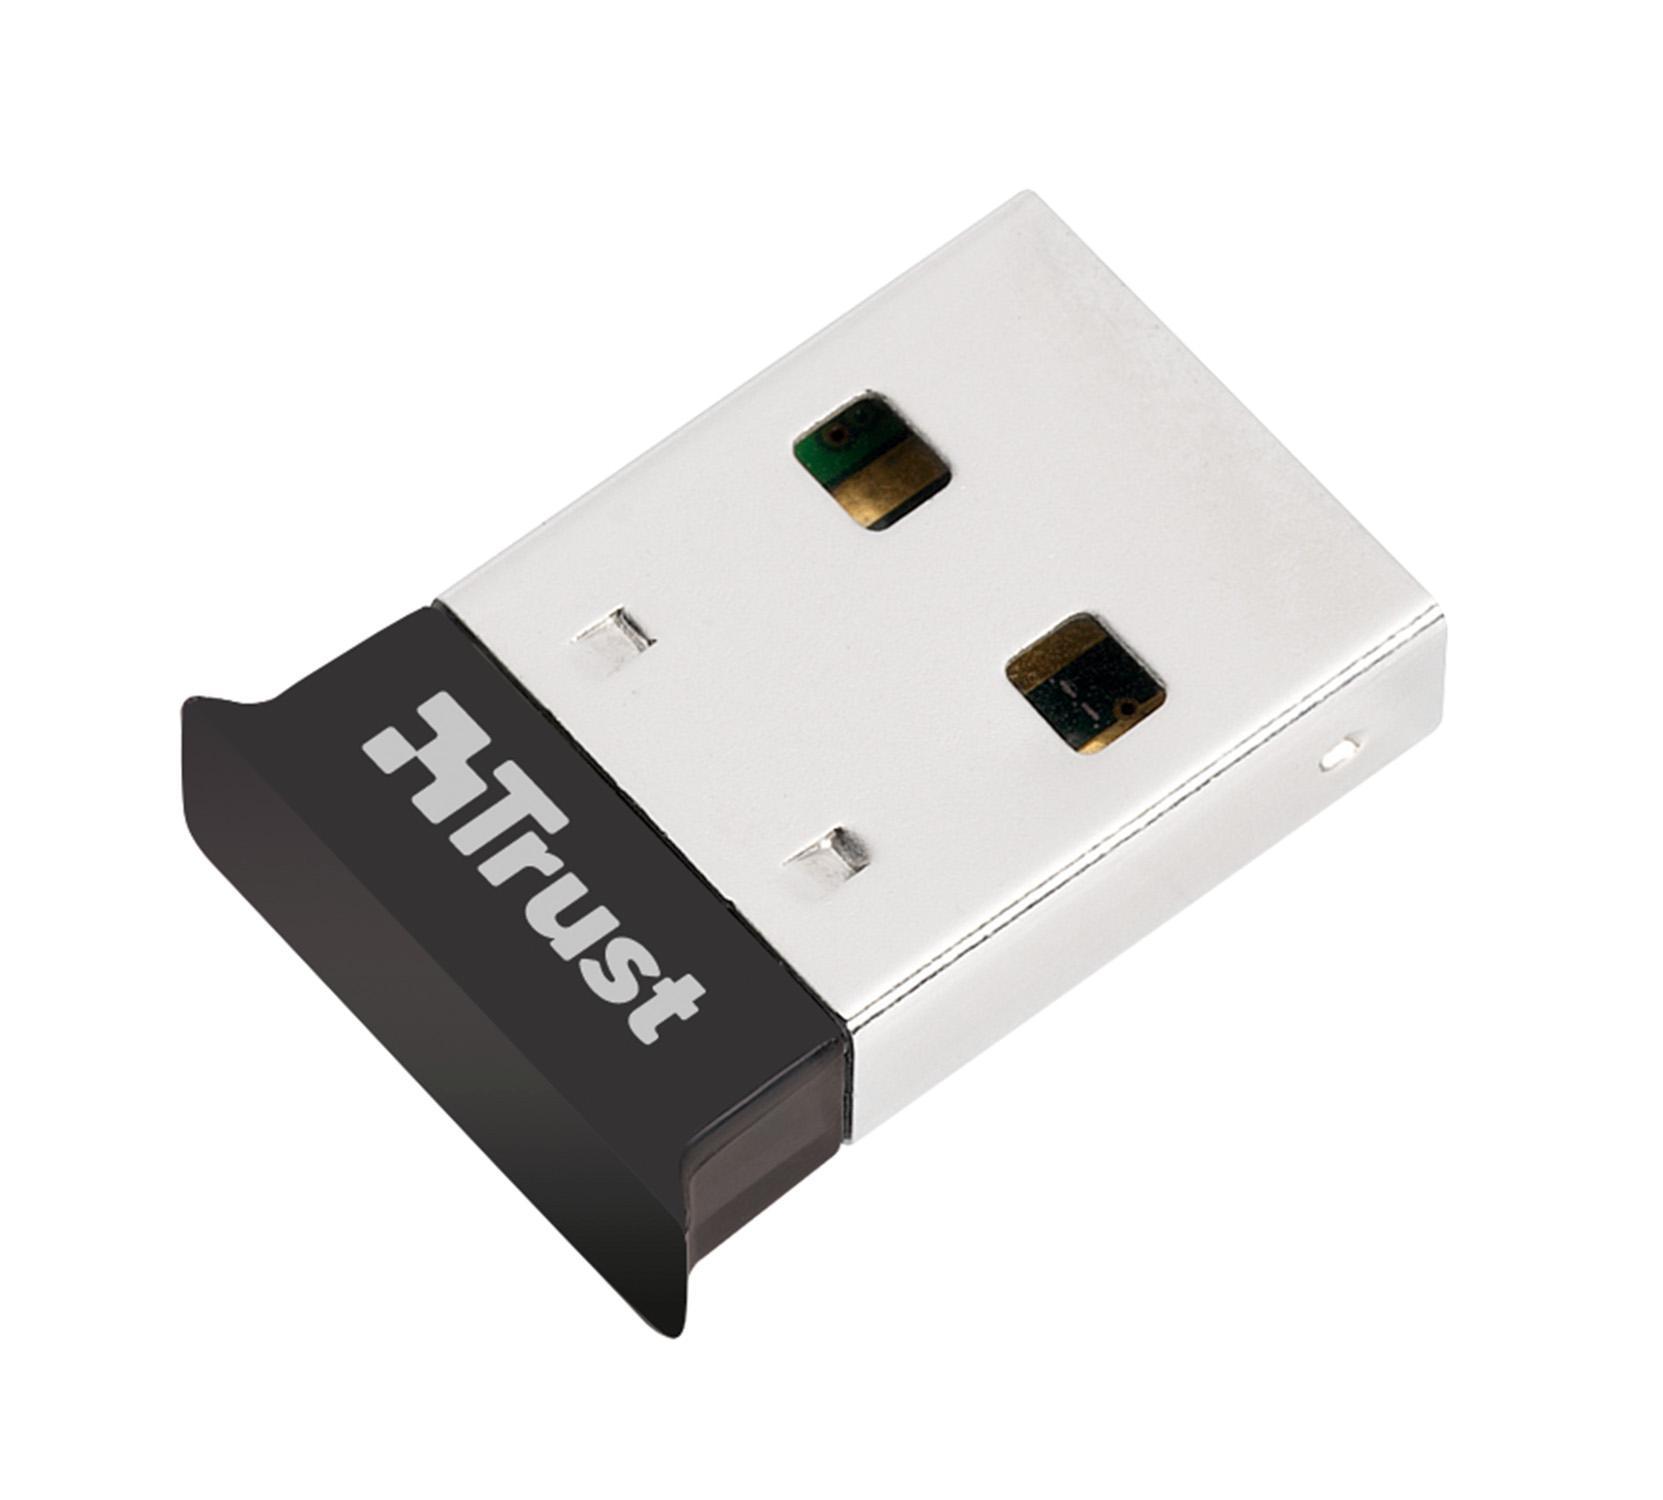 Trust 18187 - Adaptador de Red USB 4.0: Amazon.es: Electrónica